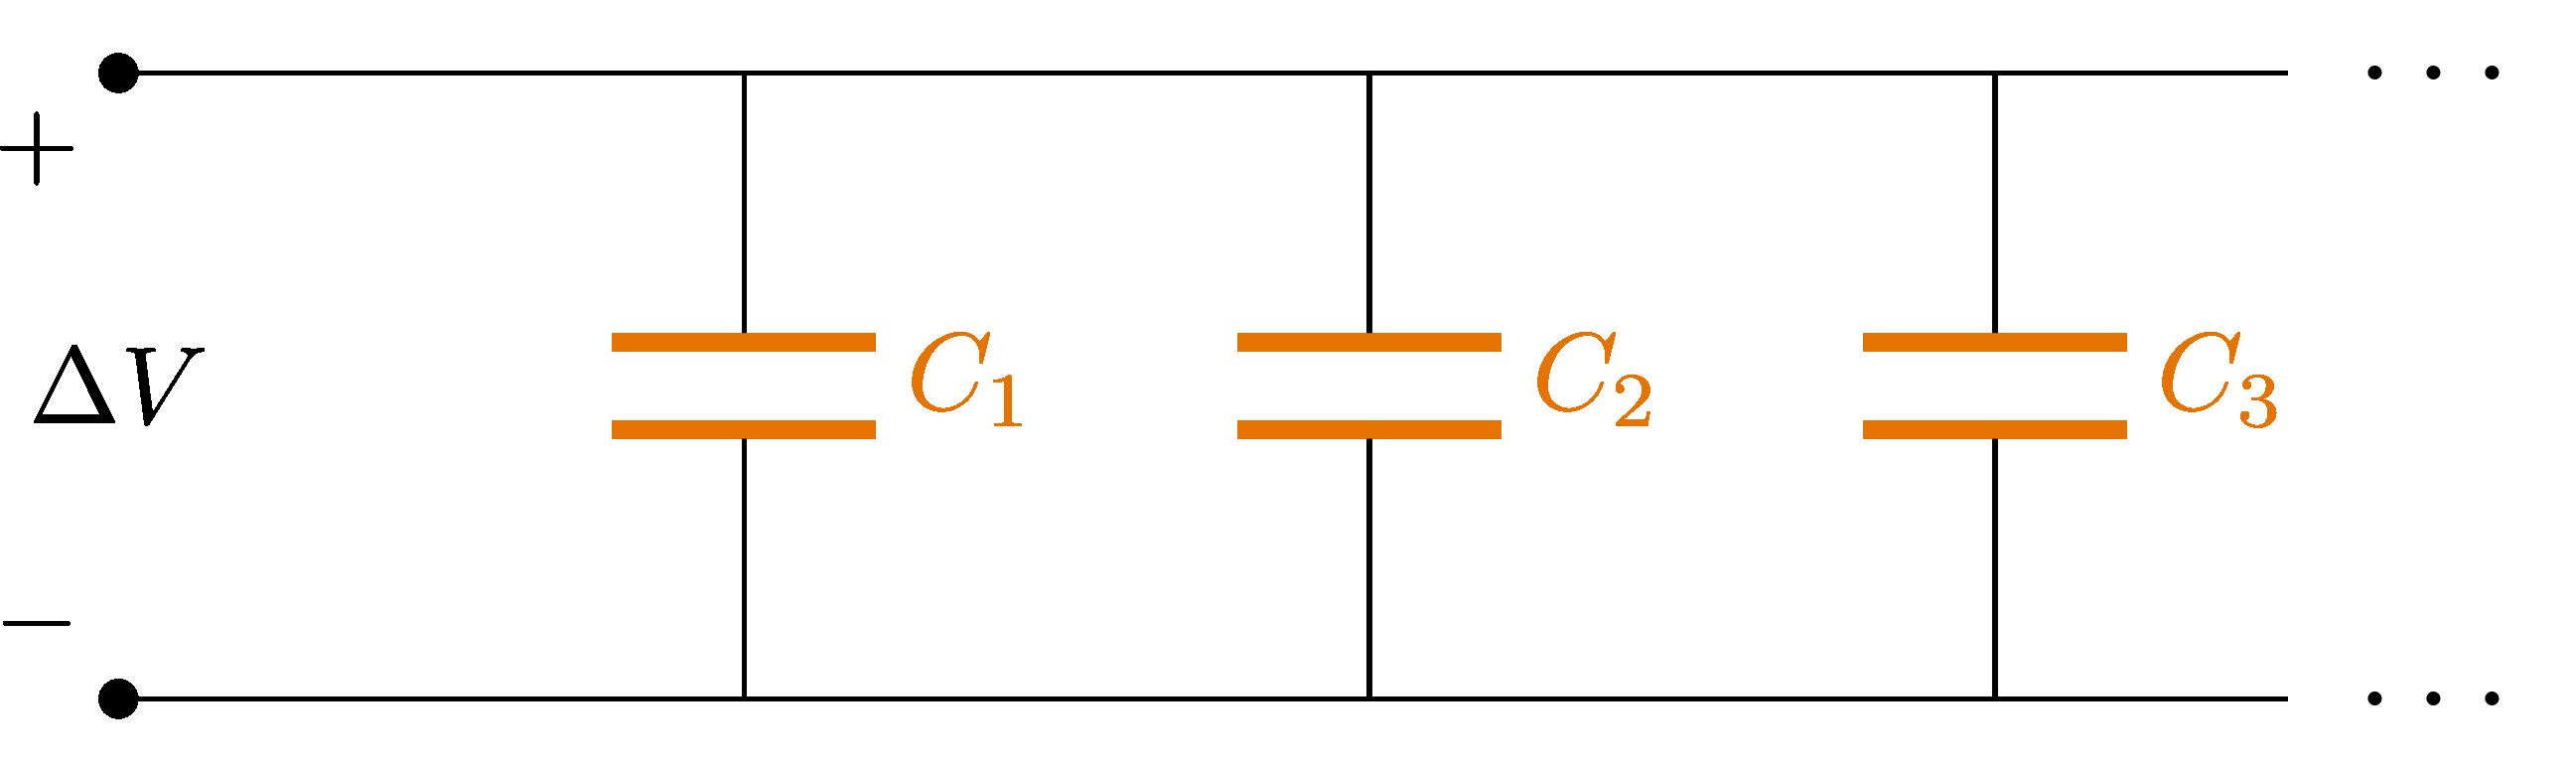 electric_circuit_capacitors-006.png